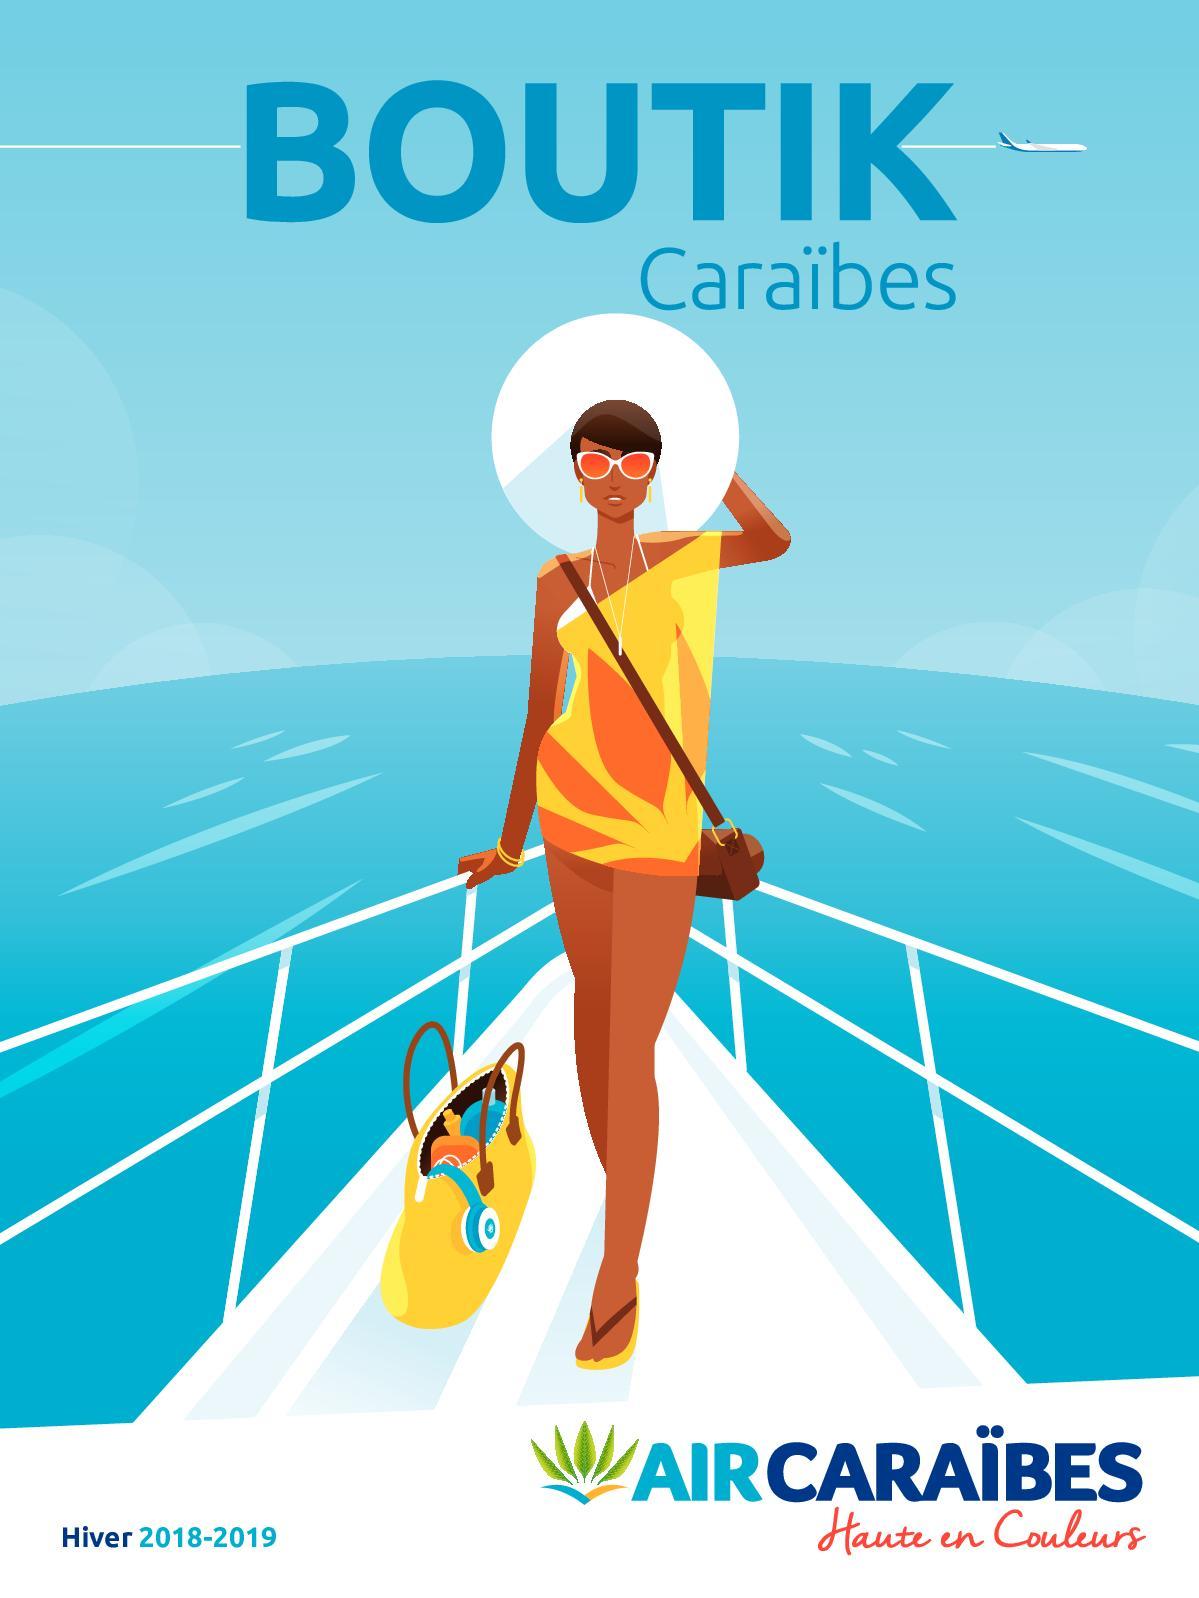 Caraibes Boutik 2019 2018 Hiver Calaméo D2YWHIE9